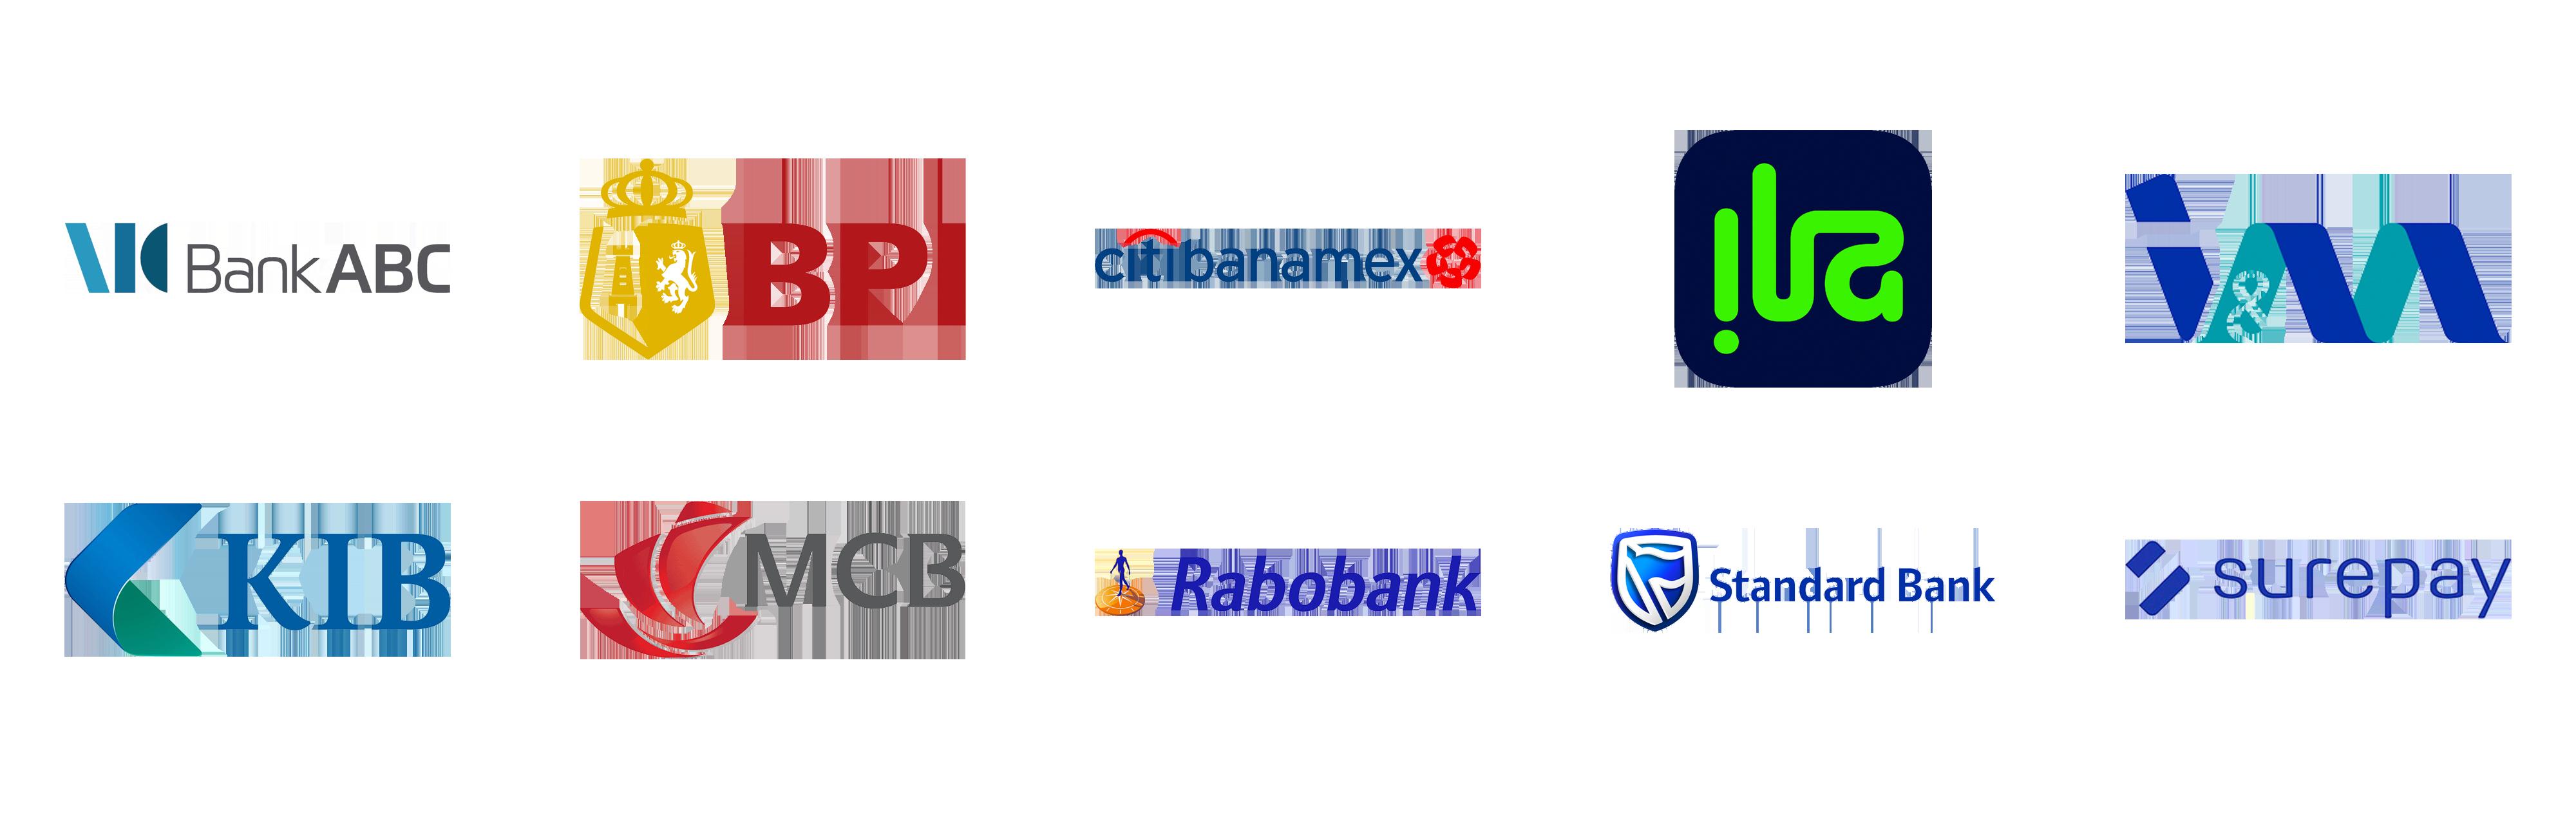 logos-banking